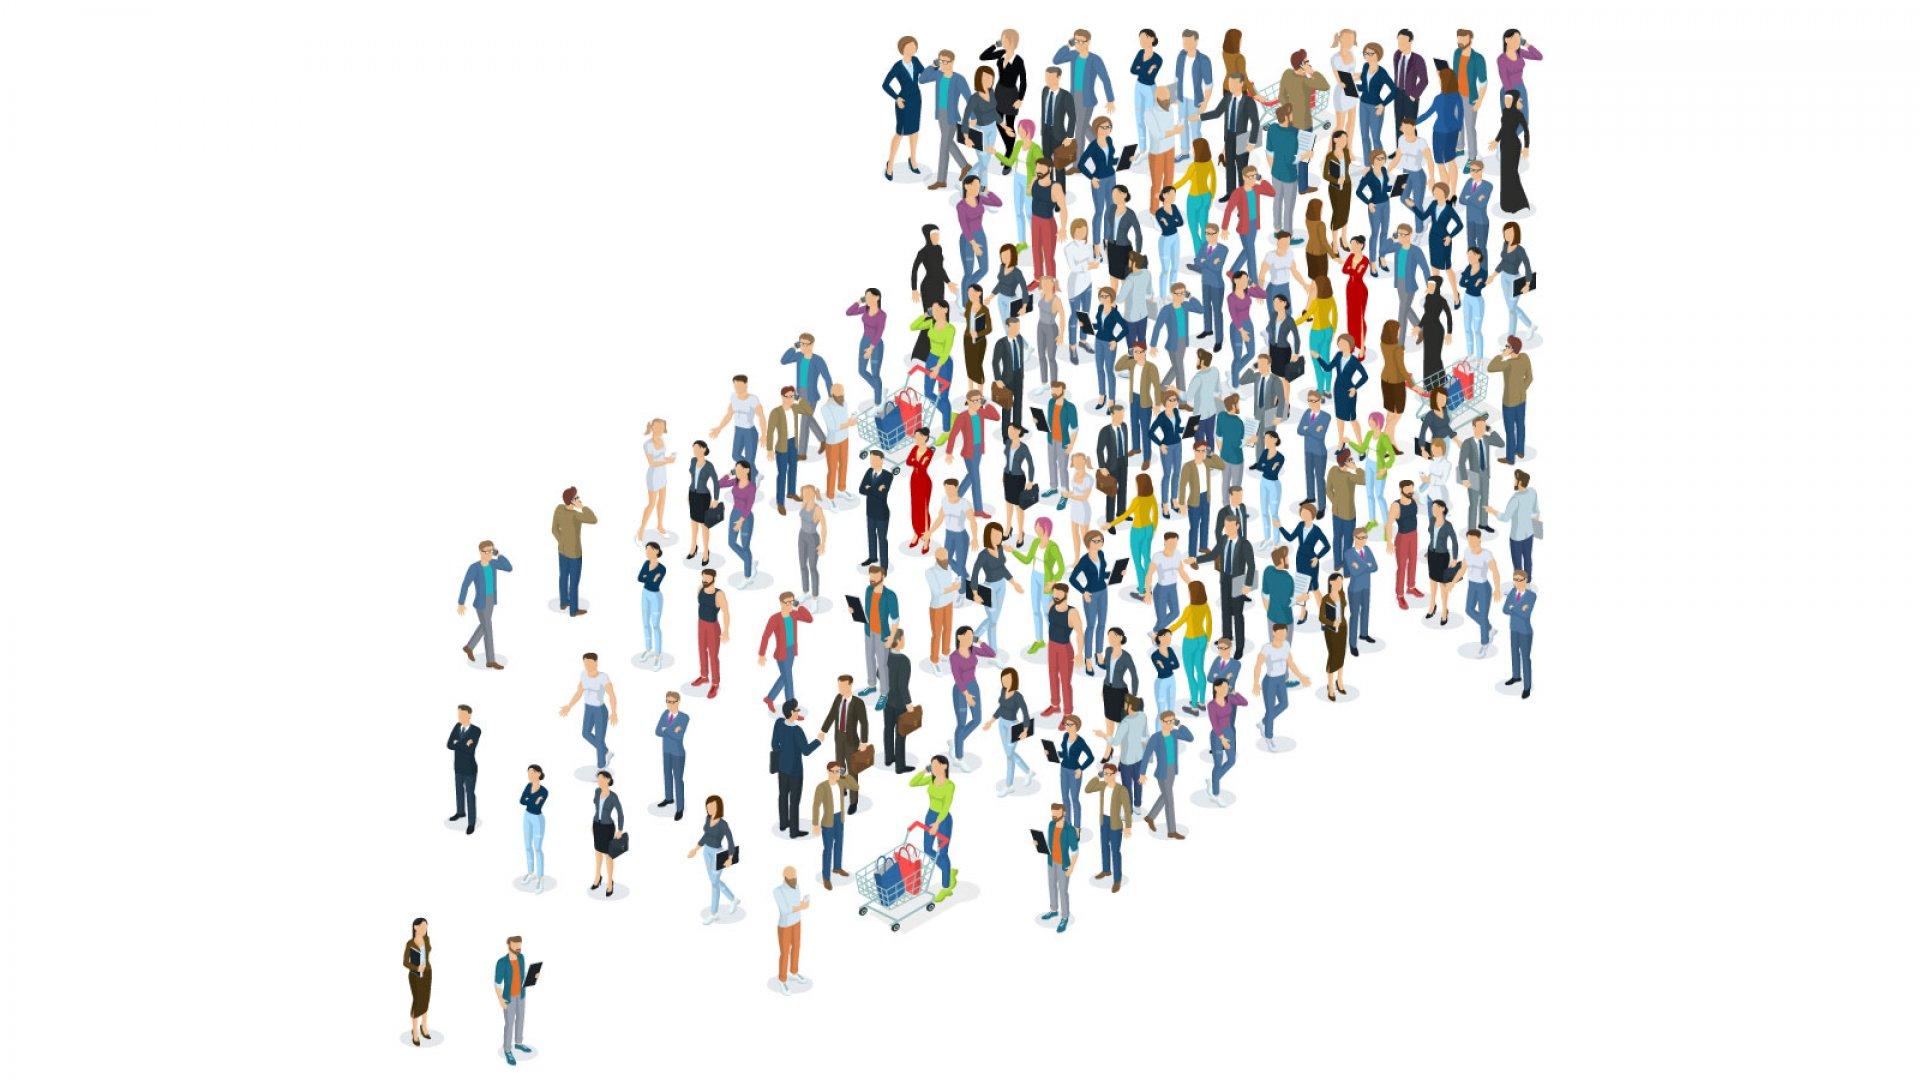 HR Technology: The Hidden Secret of Great Organizational Cultures